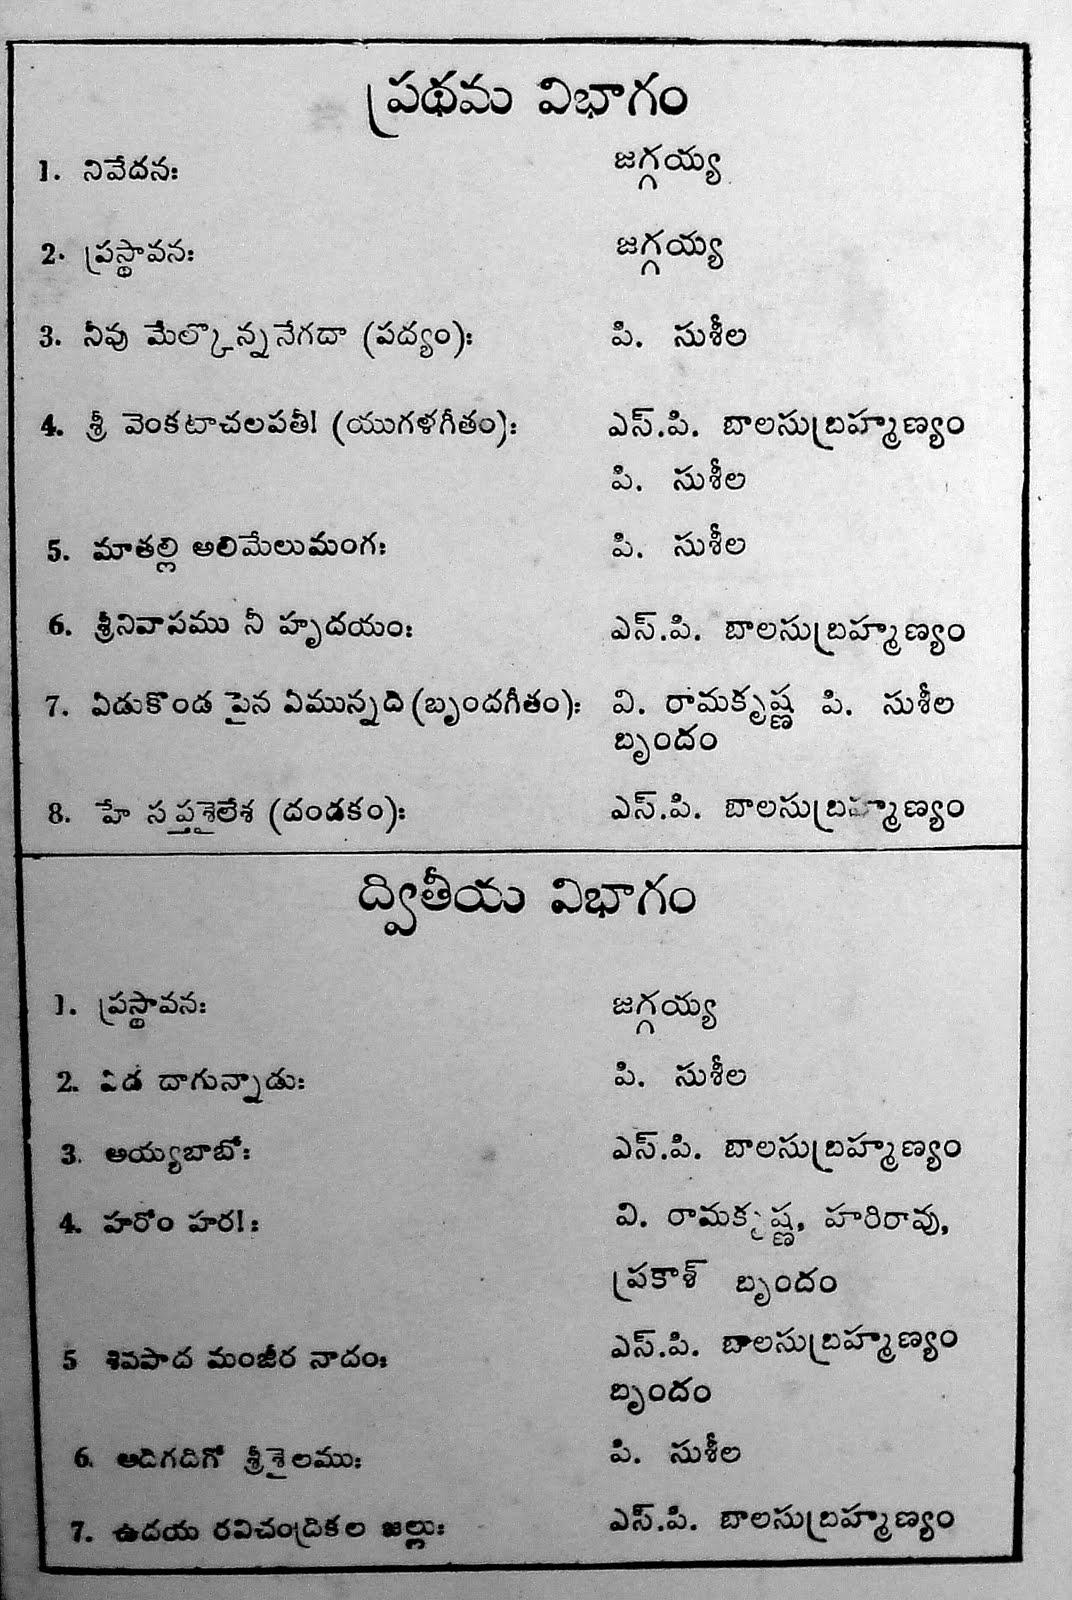 Harathi patalu mp3 free download